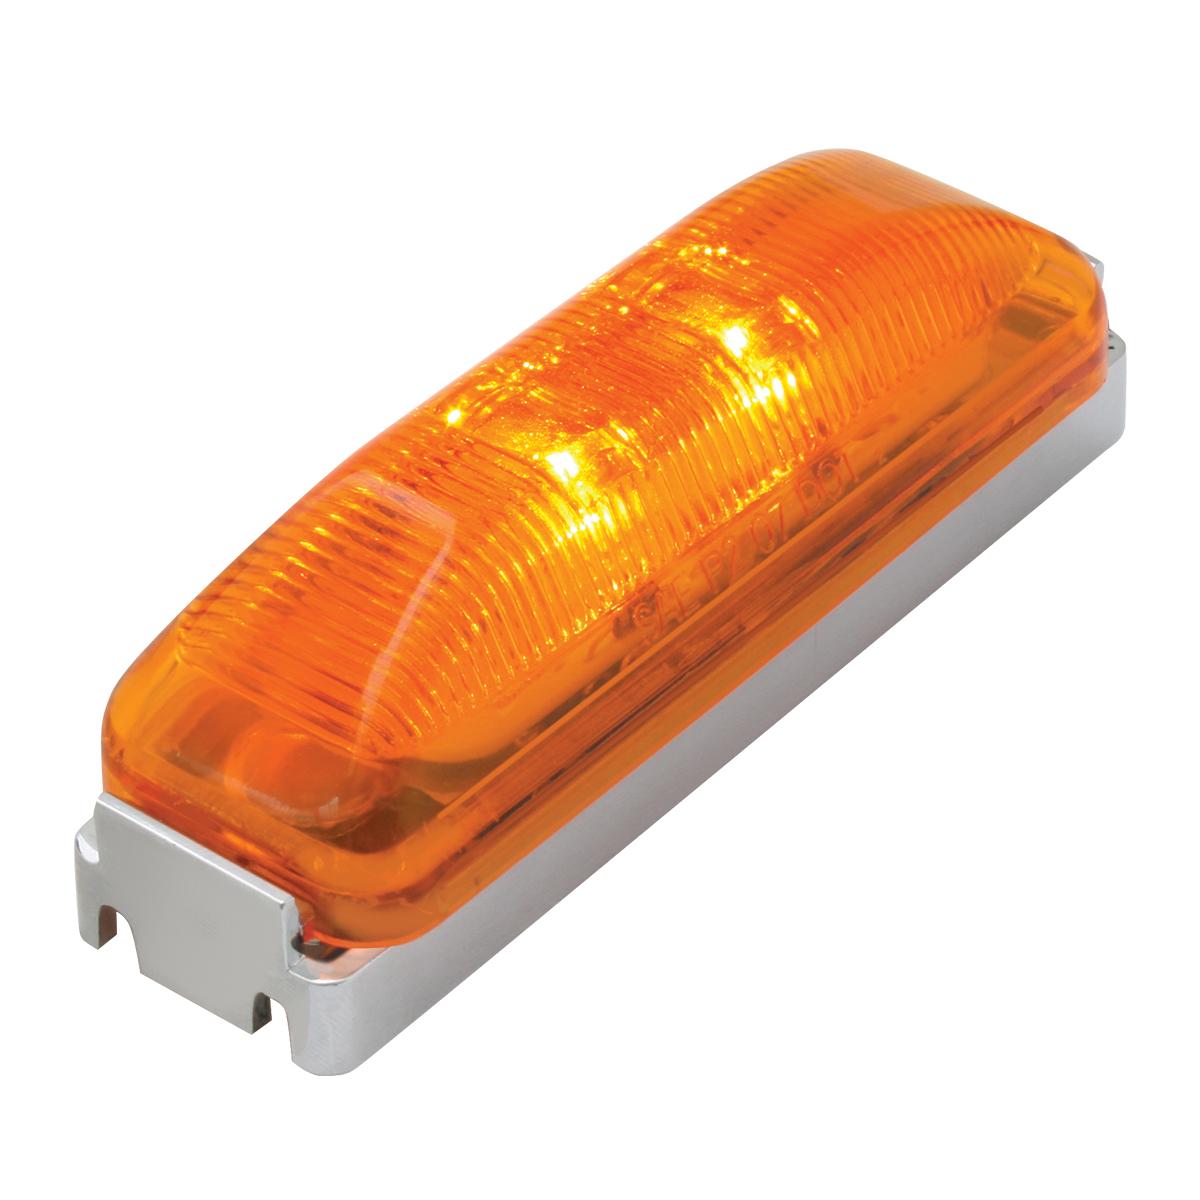 76390 Medium Rectangular Fleet LED Marker Light w/ Chrome Bracket